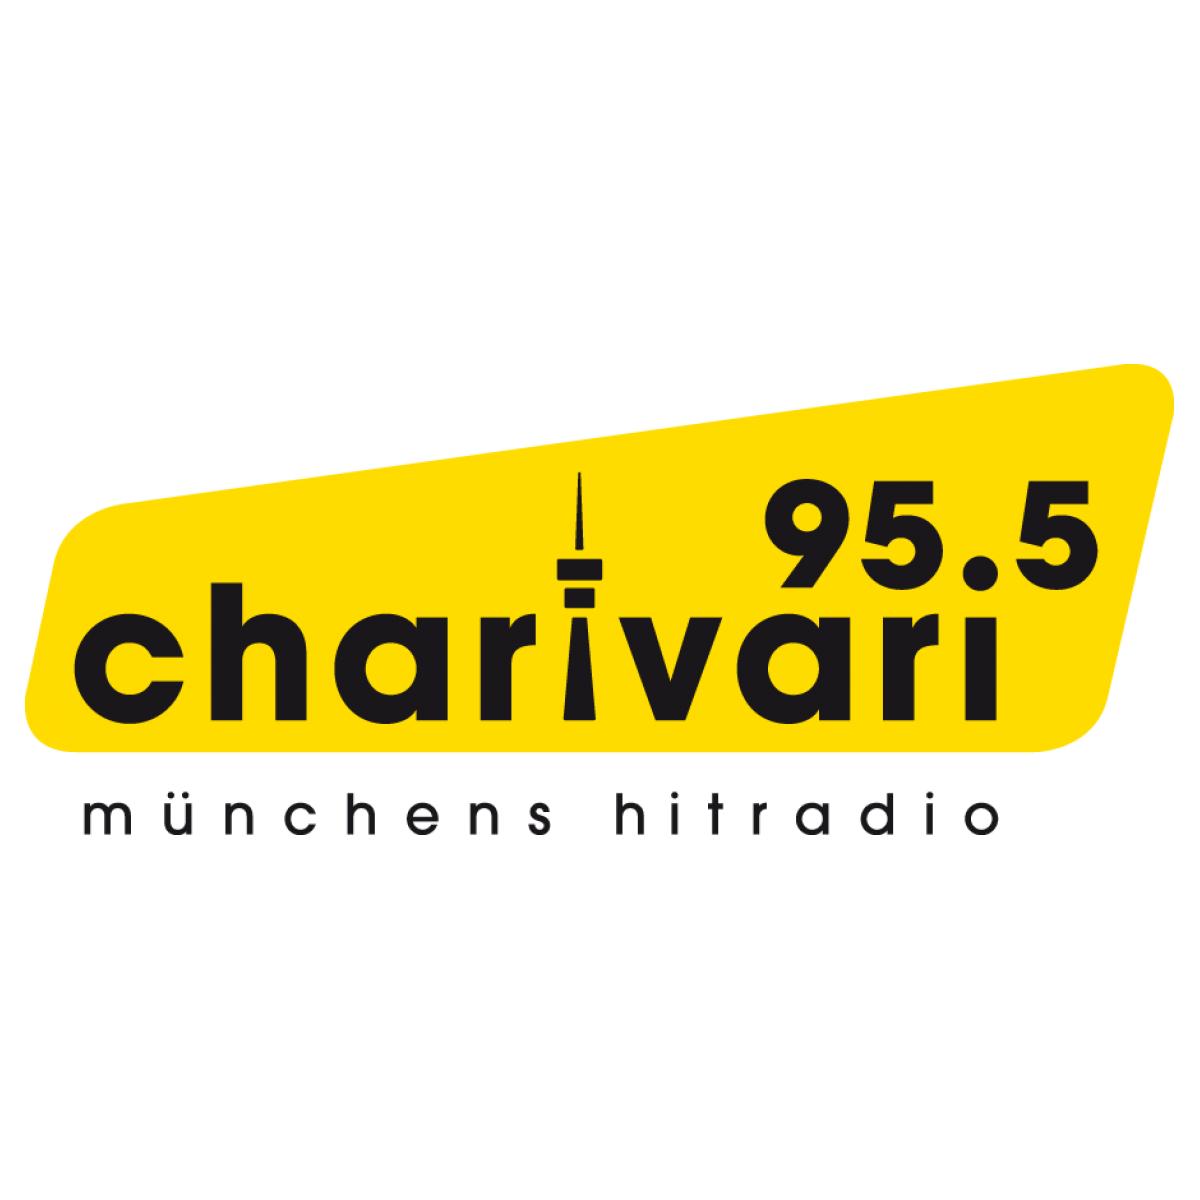 charivari münchen